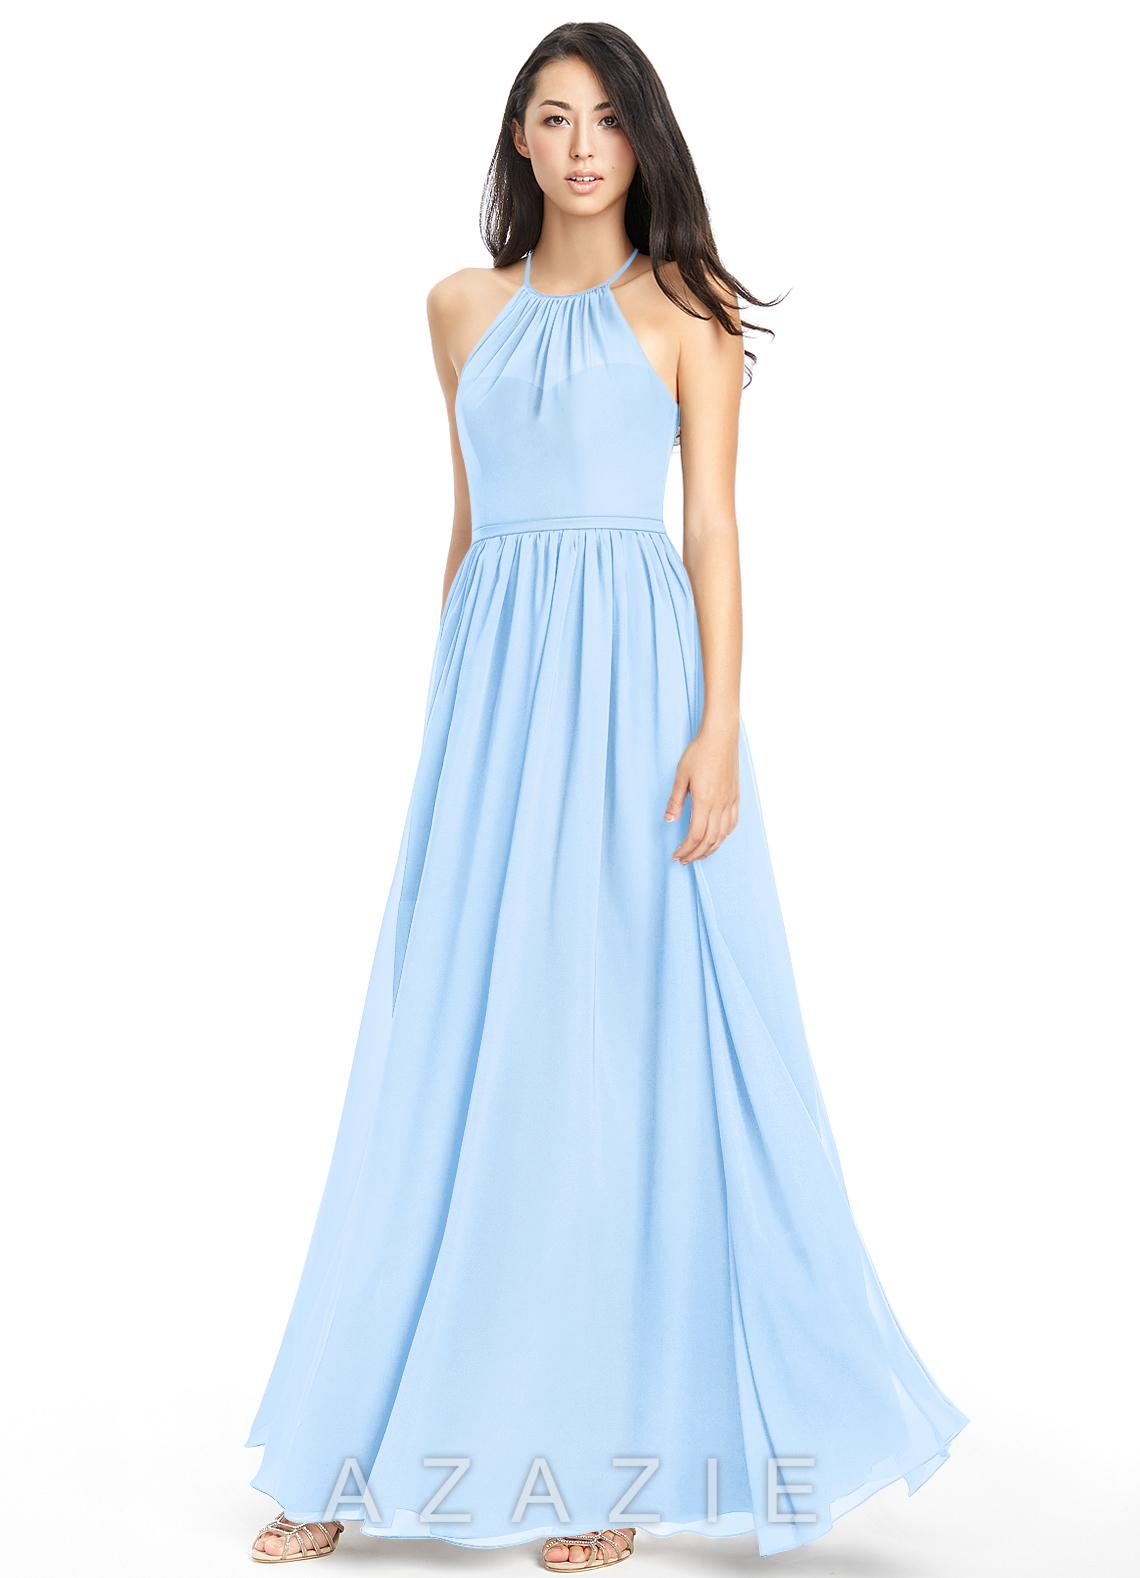 Azazie Kailyn Bridesmaid Dress Azazie